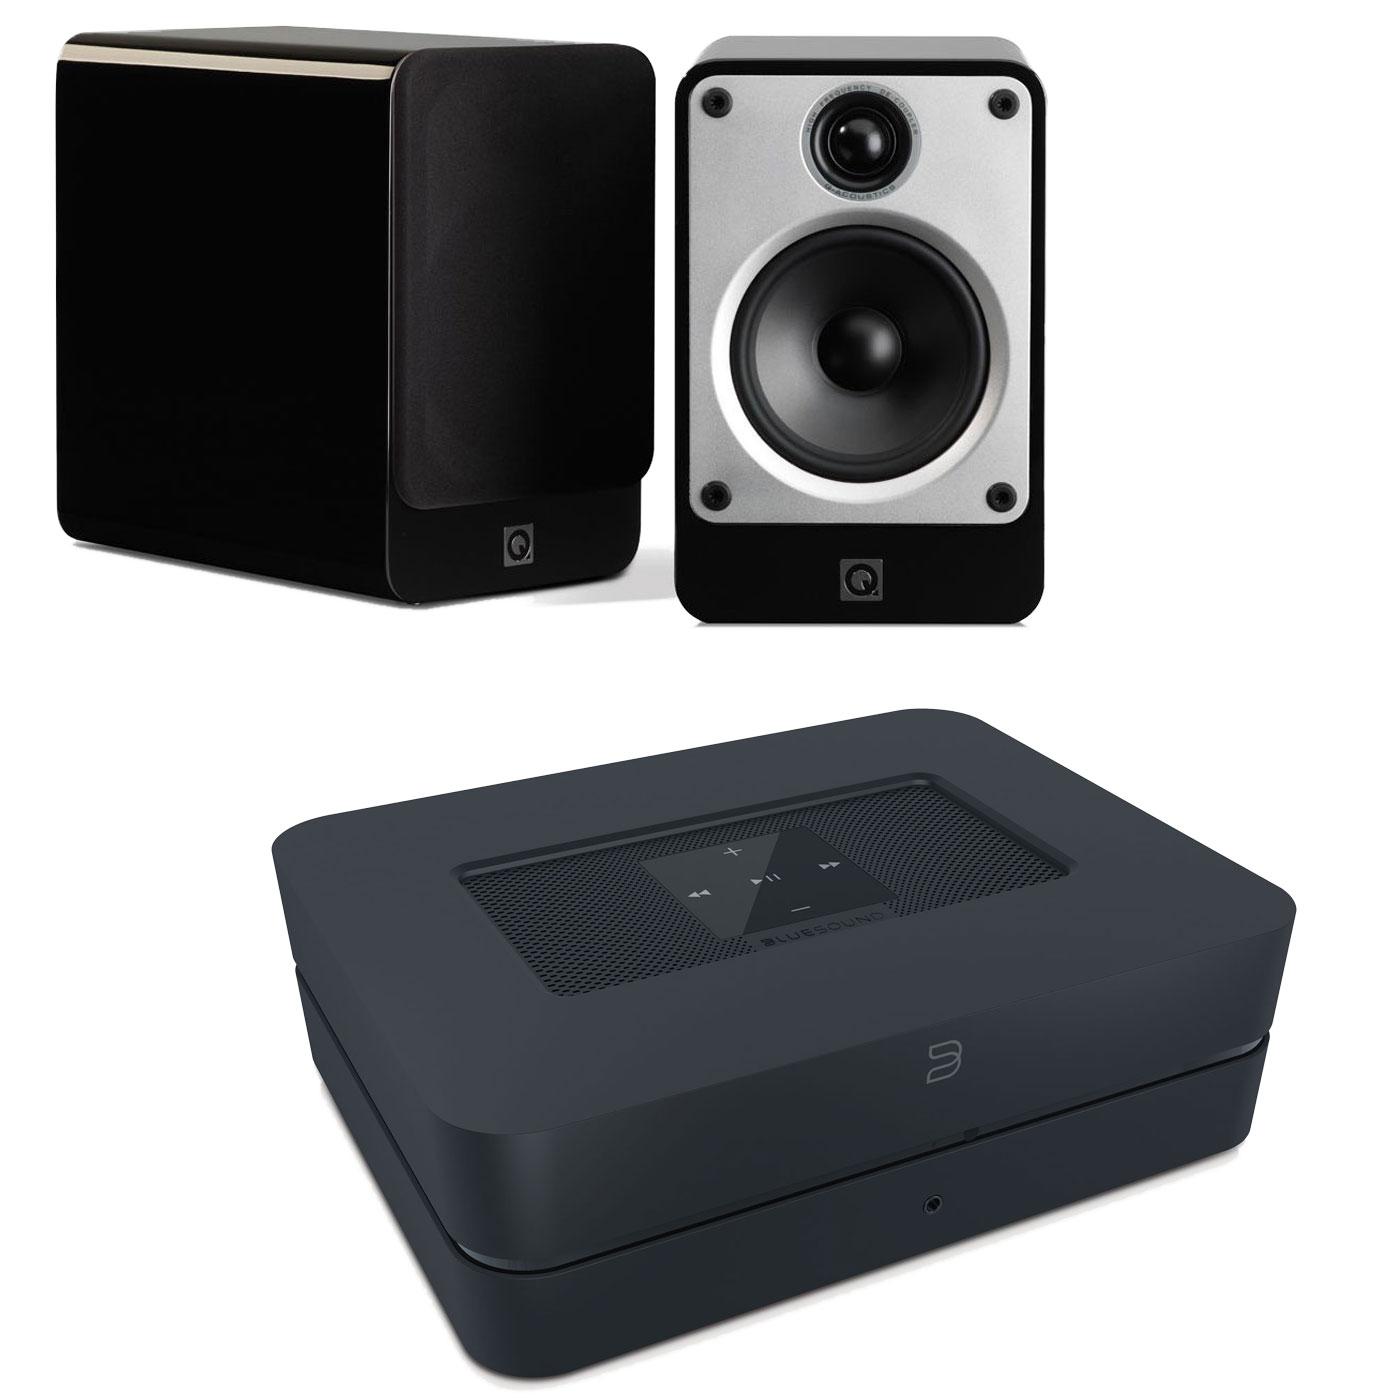 Ensemble Hifi Bluesound Powernode 2 Noir + Q Acoustics Concept 20 Noir Amplificateur lecteur réseau multiroom DAC avec Wi-Fi et Bluetooth compatible Hi-Res Audio 2 x 60 W + Enceinte bibliothèque compacte (par paire)